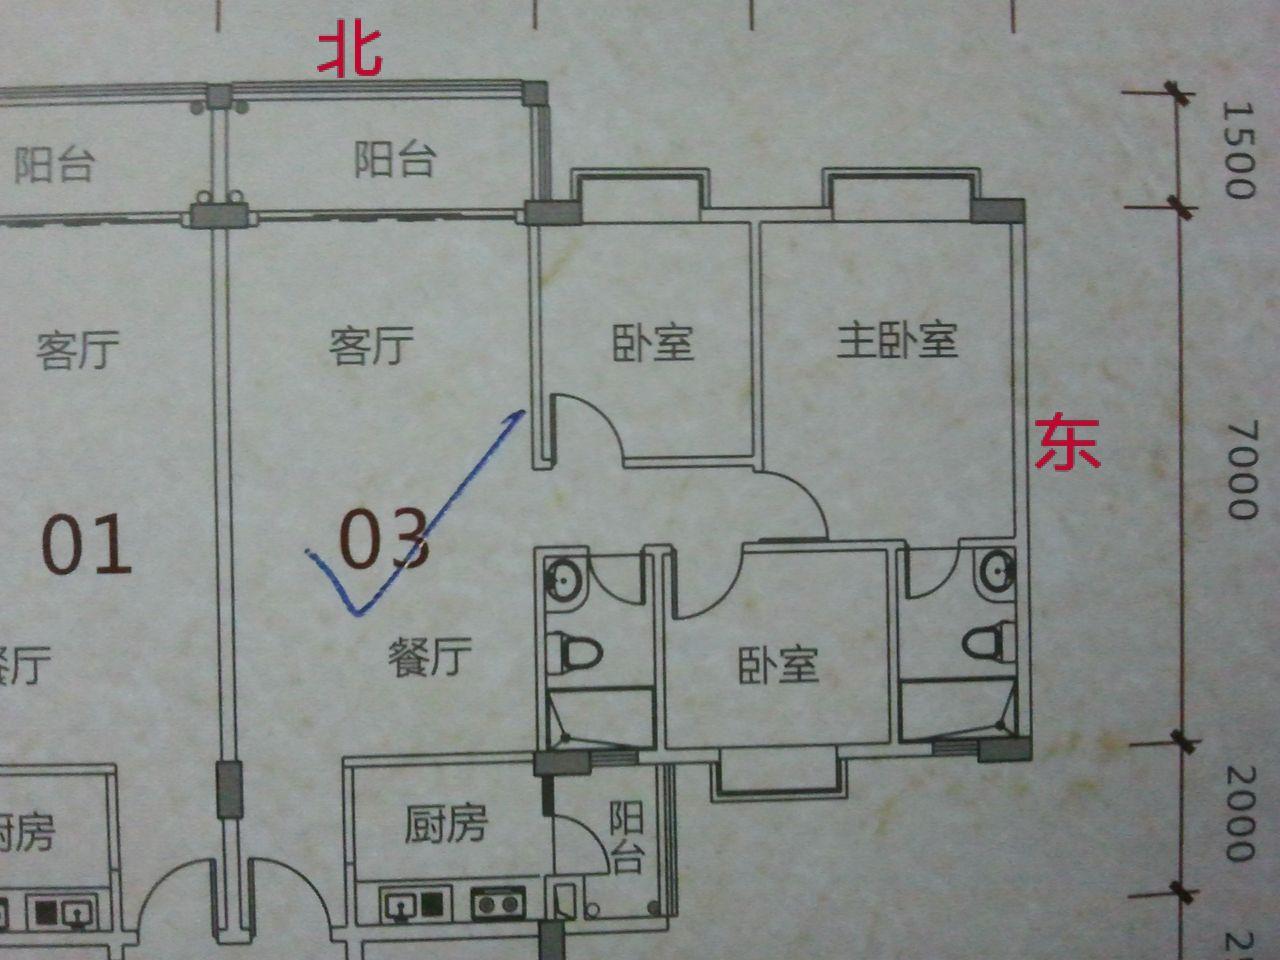 新房装修求指点 带平面图 ,觉得主卧房的厕所位置不是太好,高清图片